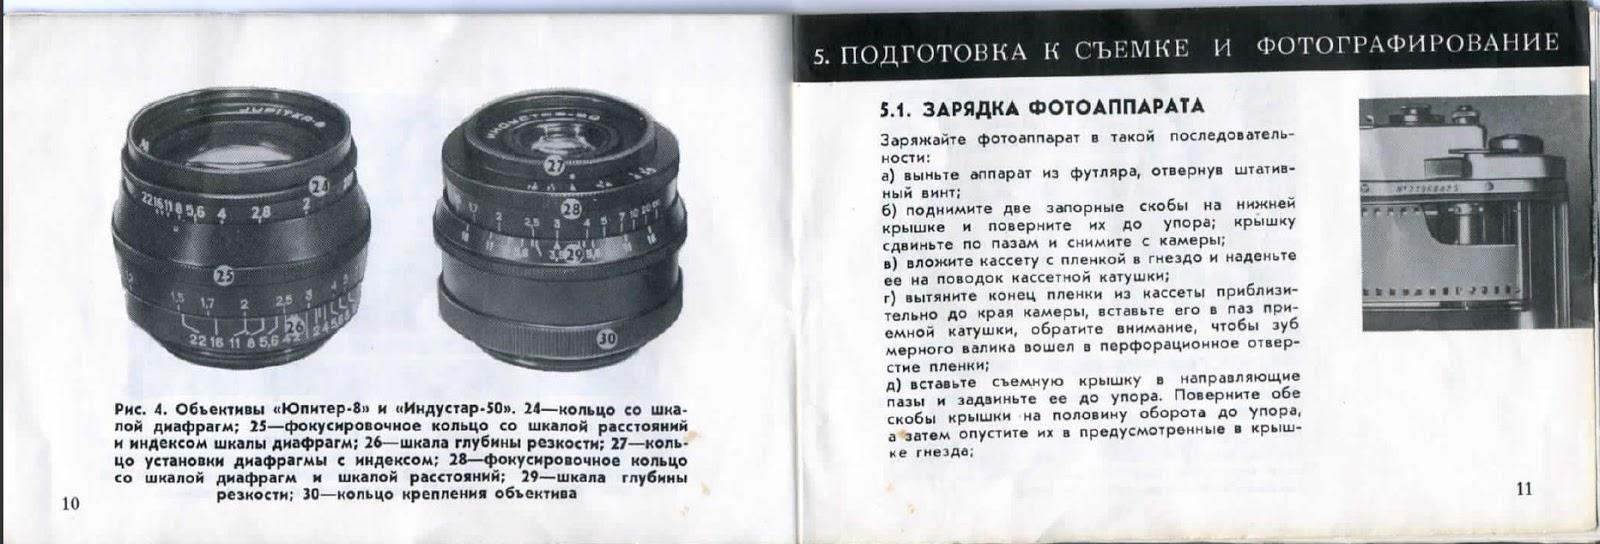 Фотоаппарат зоркий с инструкция